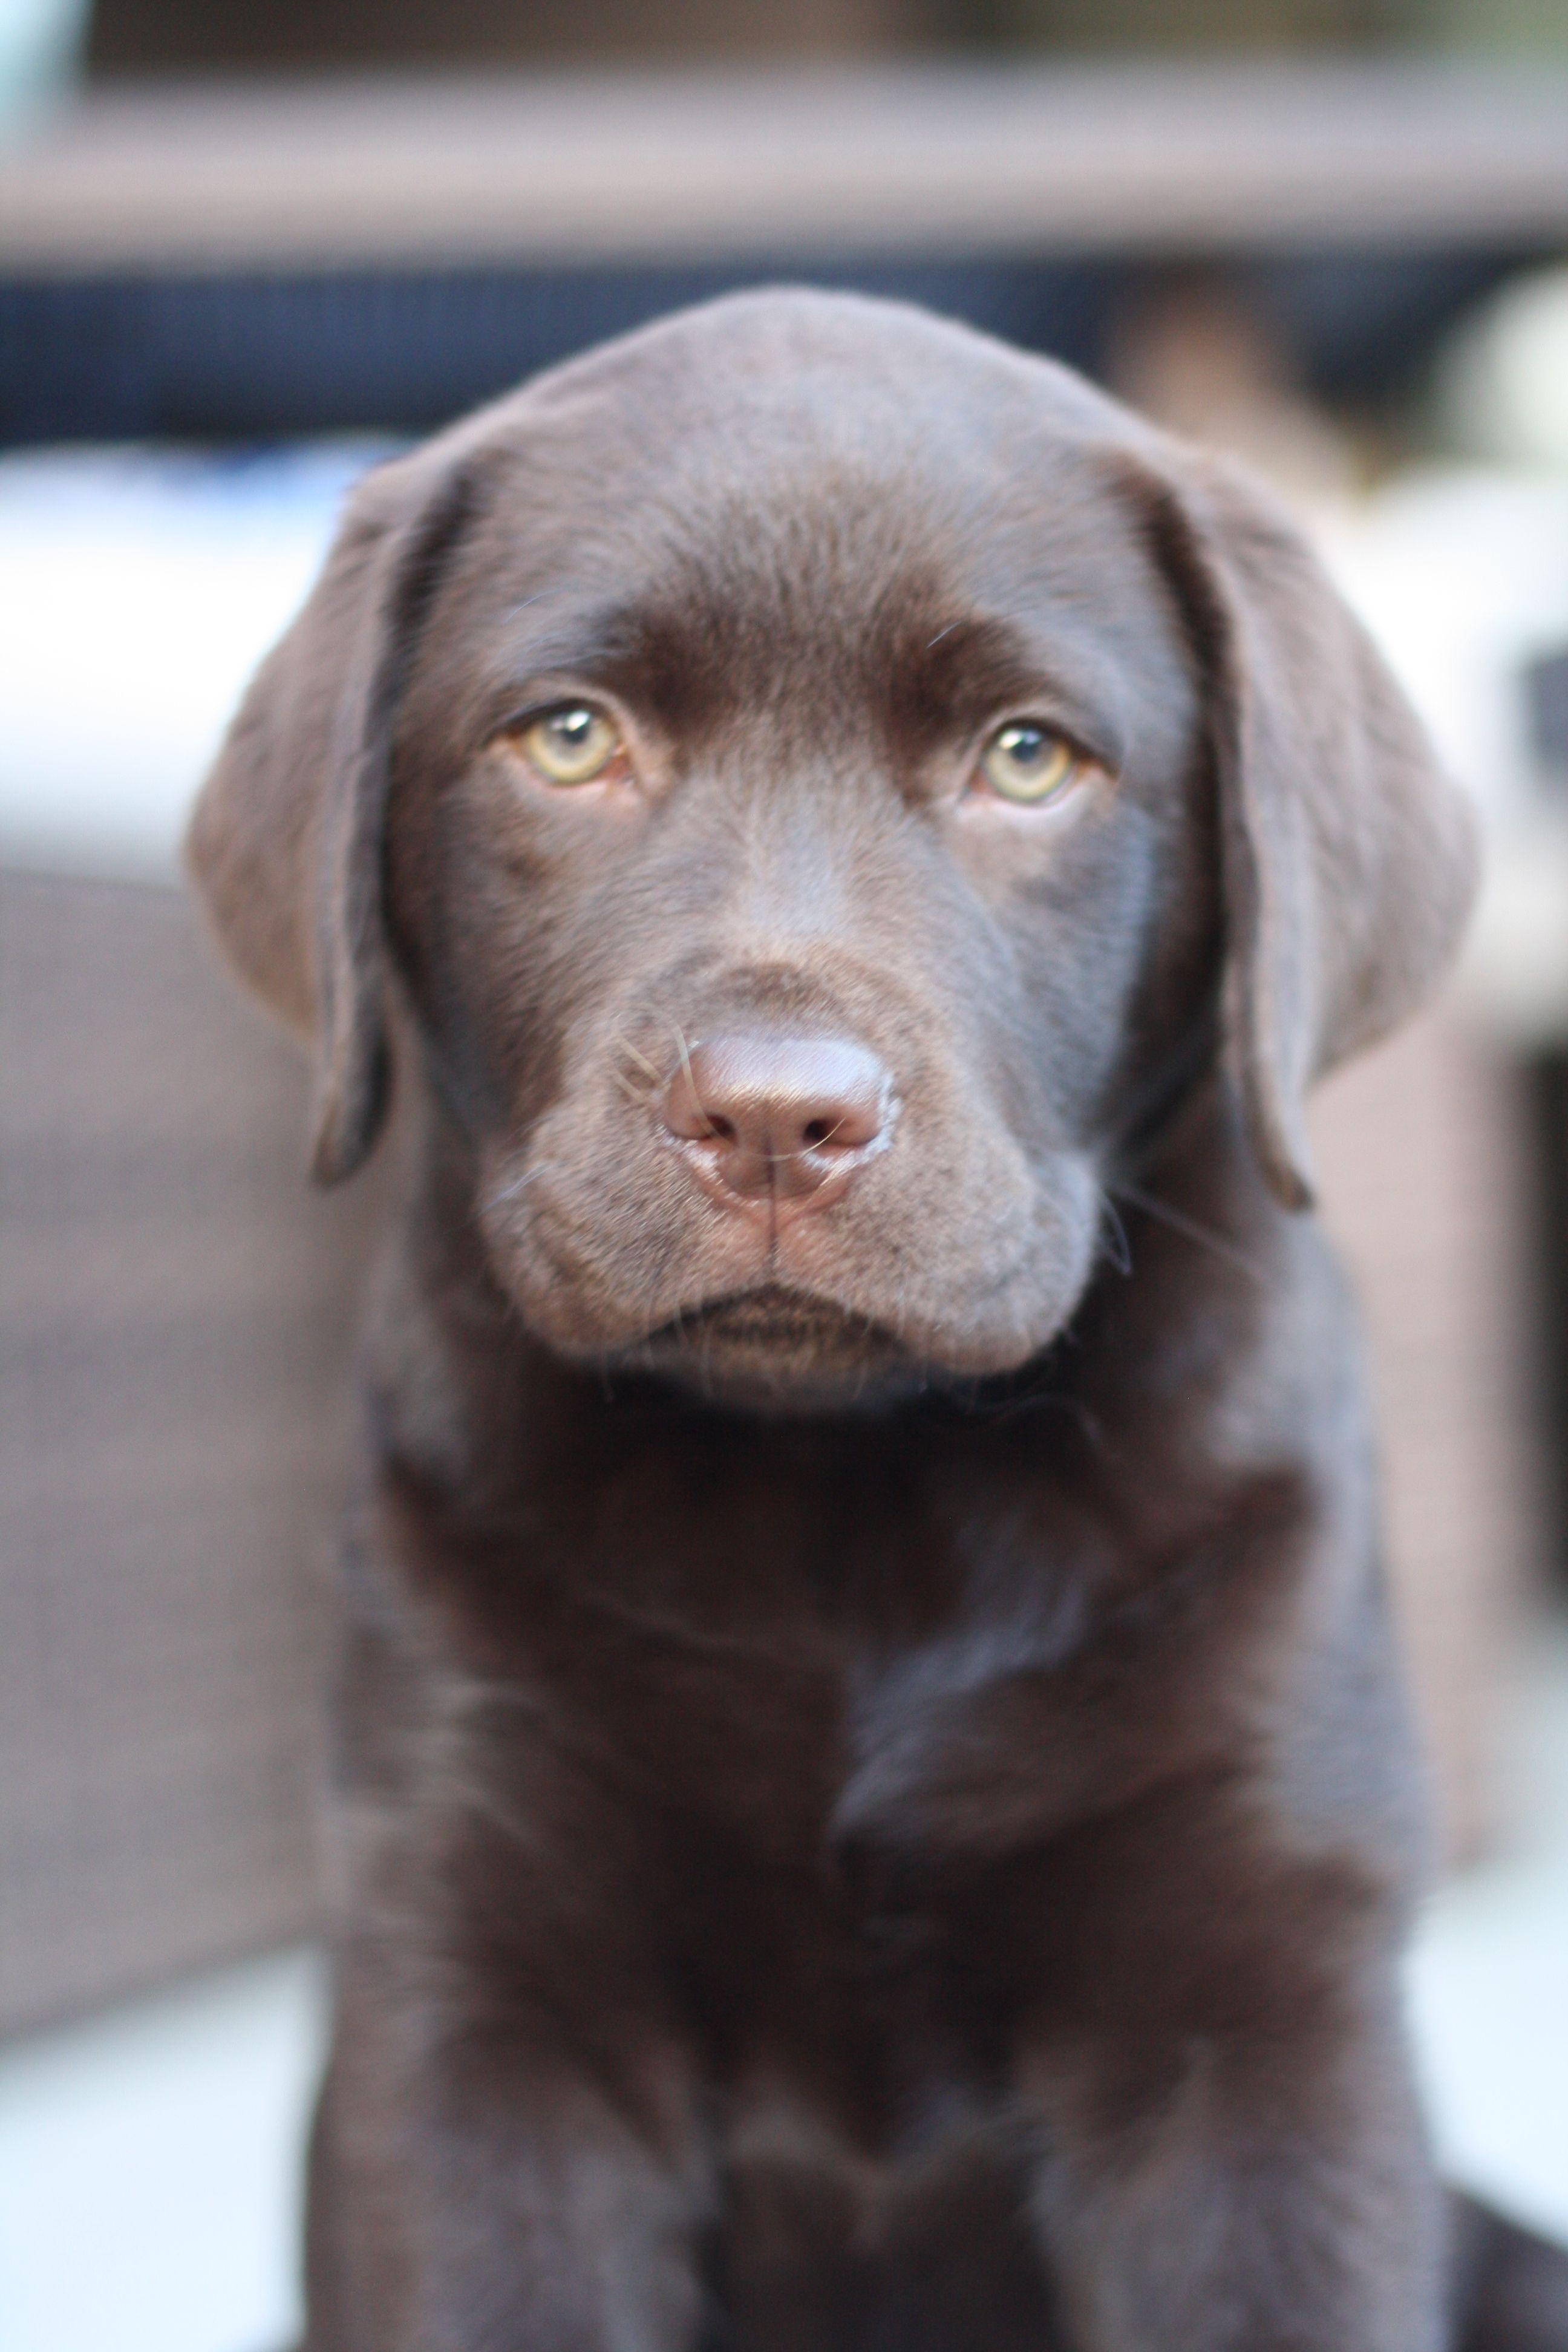 Chocolate Labrador Puppy Chocolate Lab Puppy Missbailey Chocotaco Cocoaloco Labrador Retriever Black Labrador Dog Labrador Retriever Dog